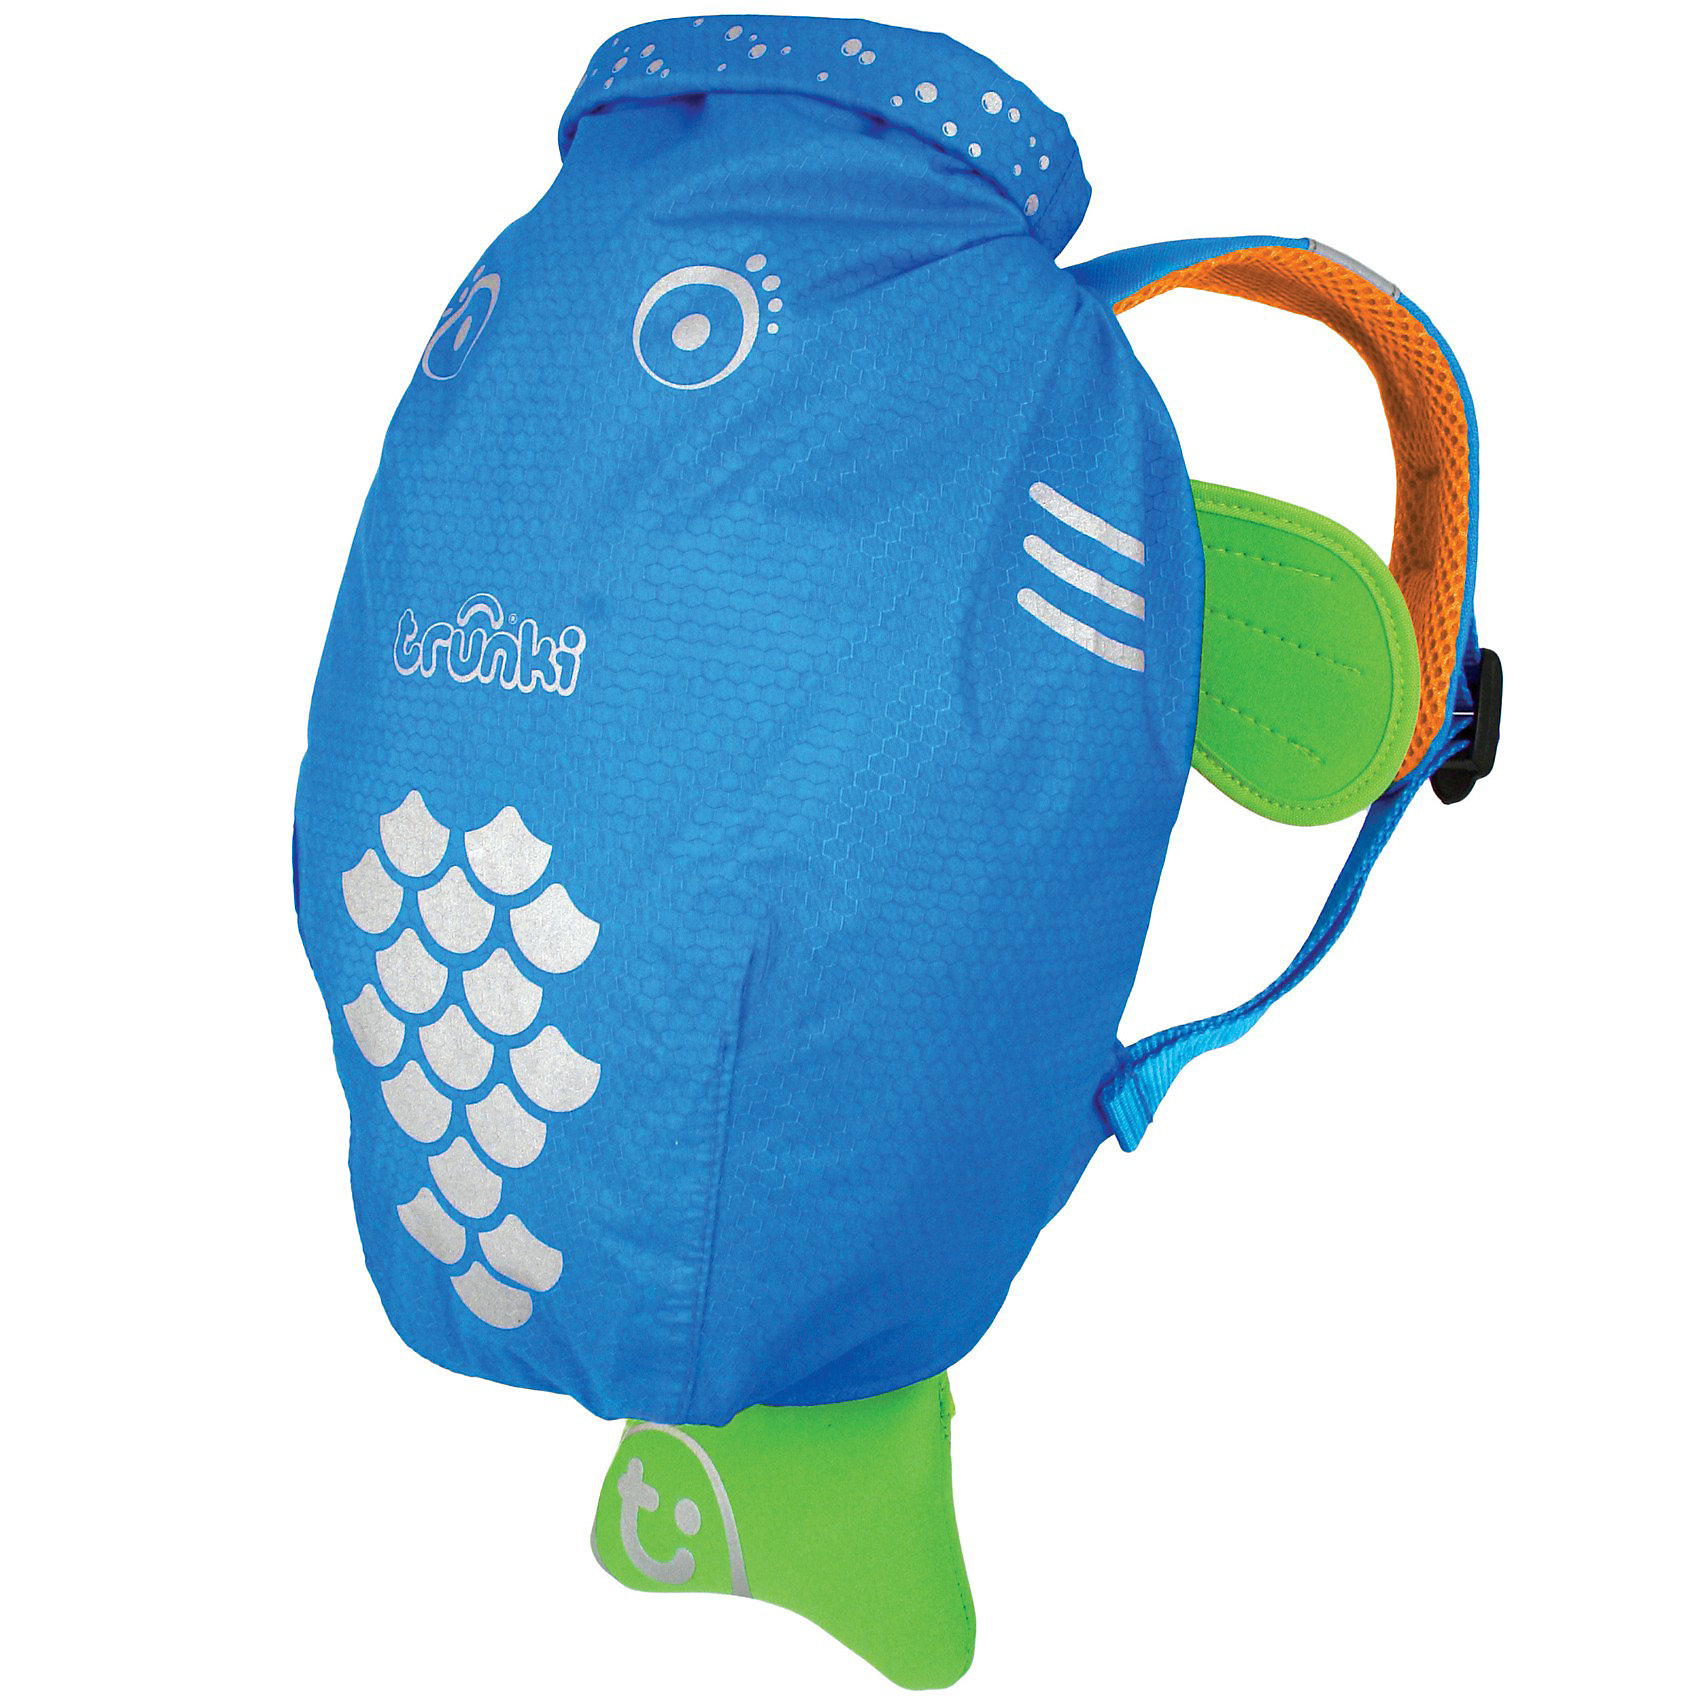 TRUNKI Рюкзак для бассейна и пляжа, голубойВодоотталкивающий рюкзак Trunki Транки голубого цвета для маленьких исследователей. Рюкзак сделан из легкого и прочного материала, он прекрасно защищен от влаги и грязи. <br>Рюкзак для бассейна и пляжа оснащен специальным креплением Trunki, с помощью него можно крепить к сумке солнцезащитные очки. Рюкзак имеет светоотражающую отделку, а также карман в виде плавника, куда можно положить различные мелочи.  <br>Рюкзак Trunki – незаменимый аксессуар для мальчика для походов в бассейн или на пляж. <br>Размер рюкзака: 49,5 х 41 см<br><br>Ширина мм: 500<br>Глубина мм: 330<br>Высота мм: 100<br>Вес г: 184<br>Возраст от месяцев: 36<br>Возраст до месяцев: 84<br>Пол: Унисекс<br>Возраст: Детский<br>SKU: 2442102